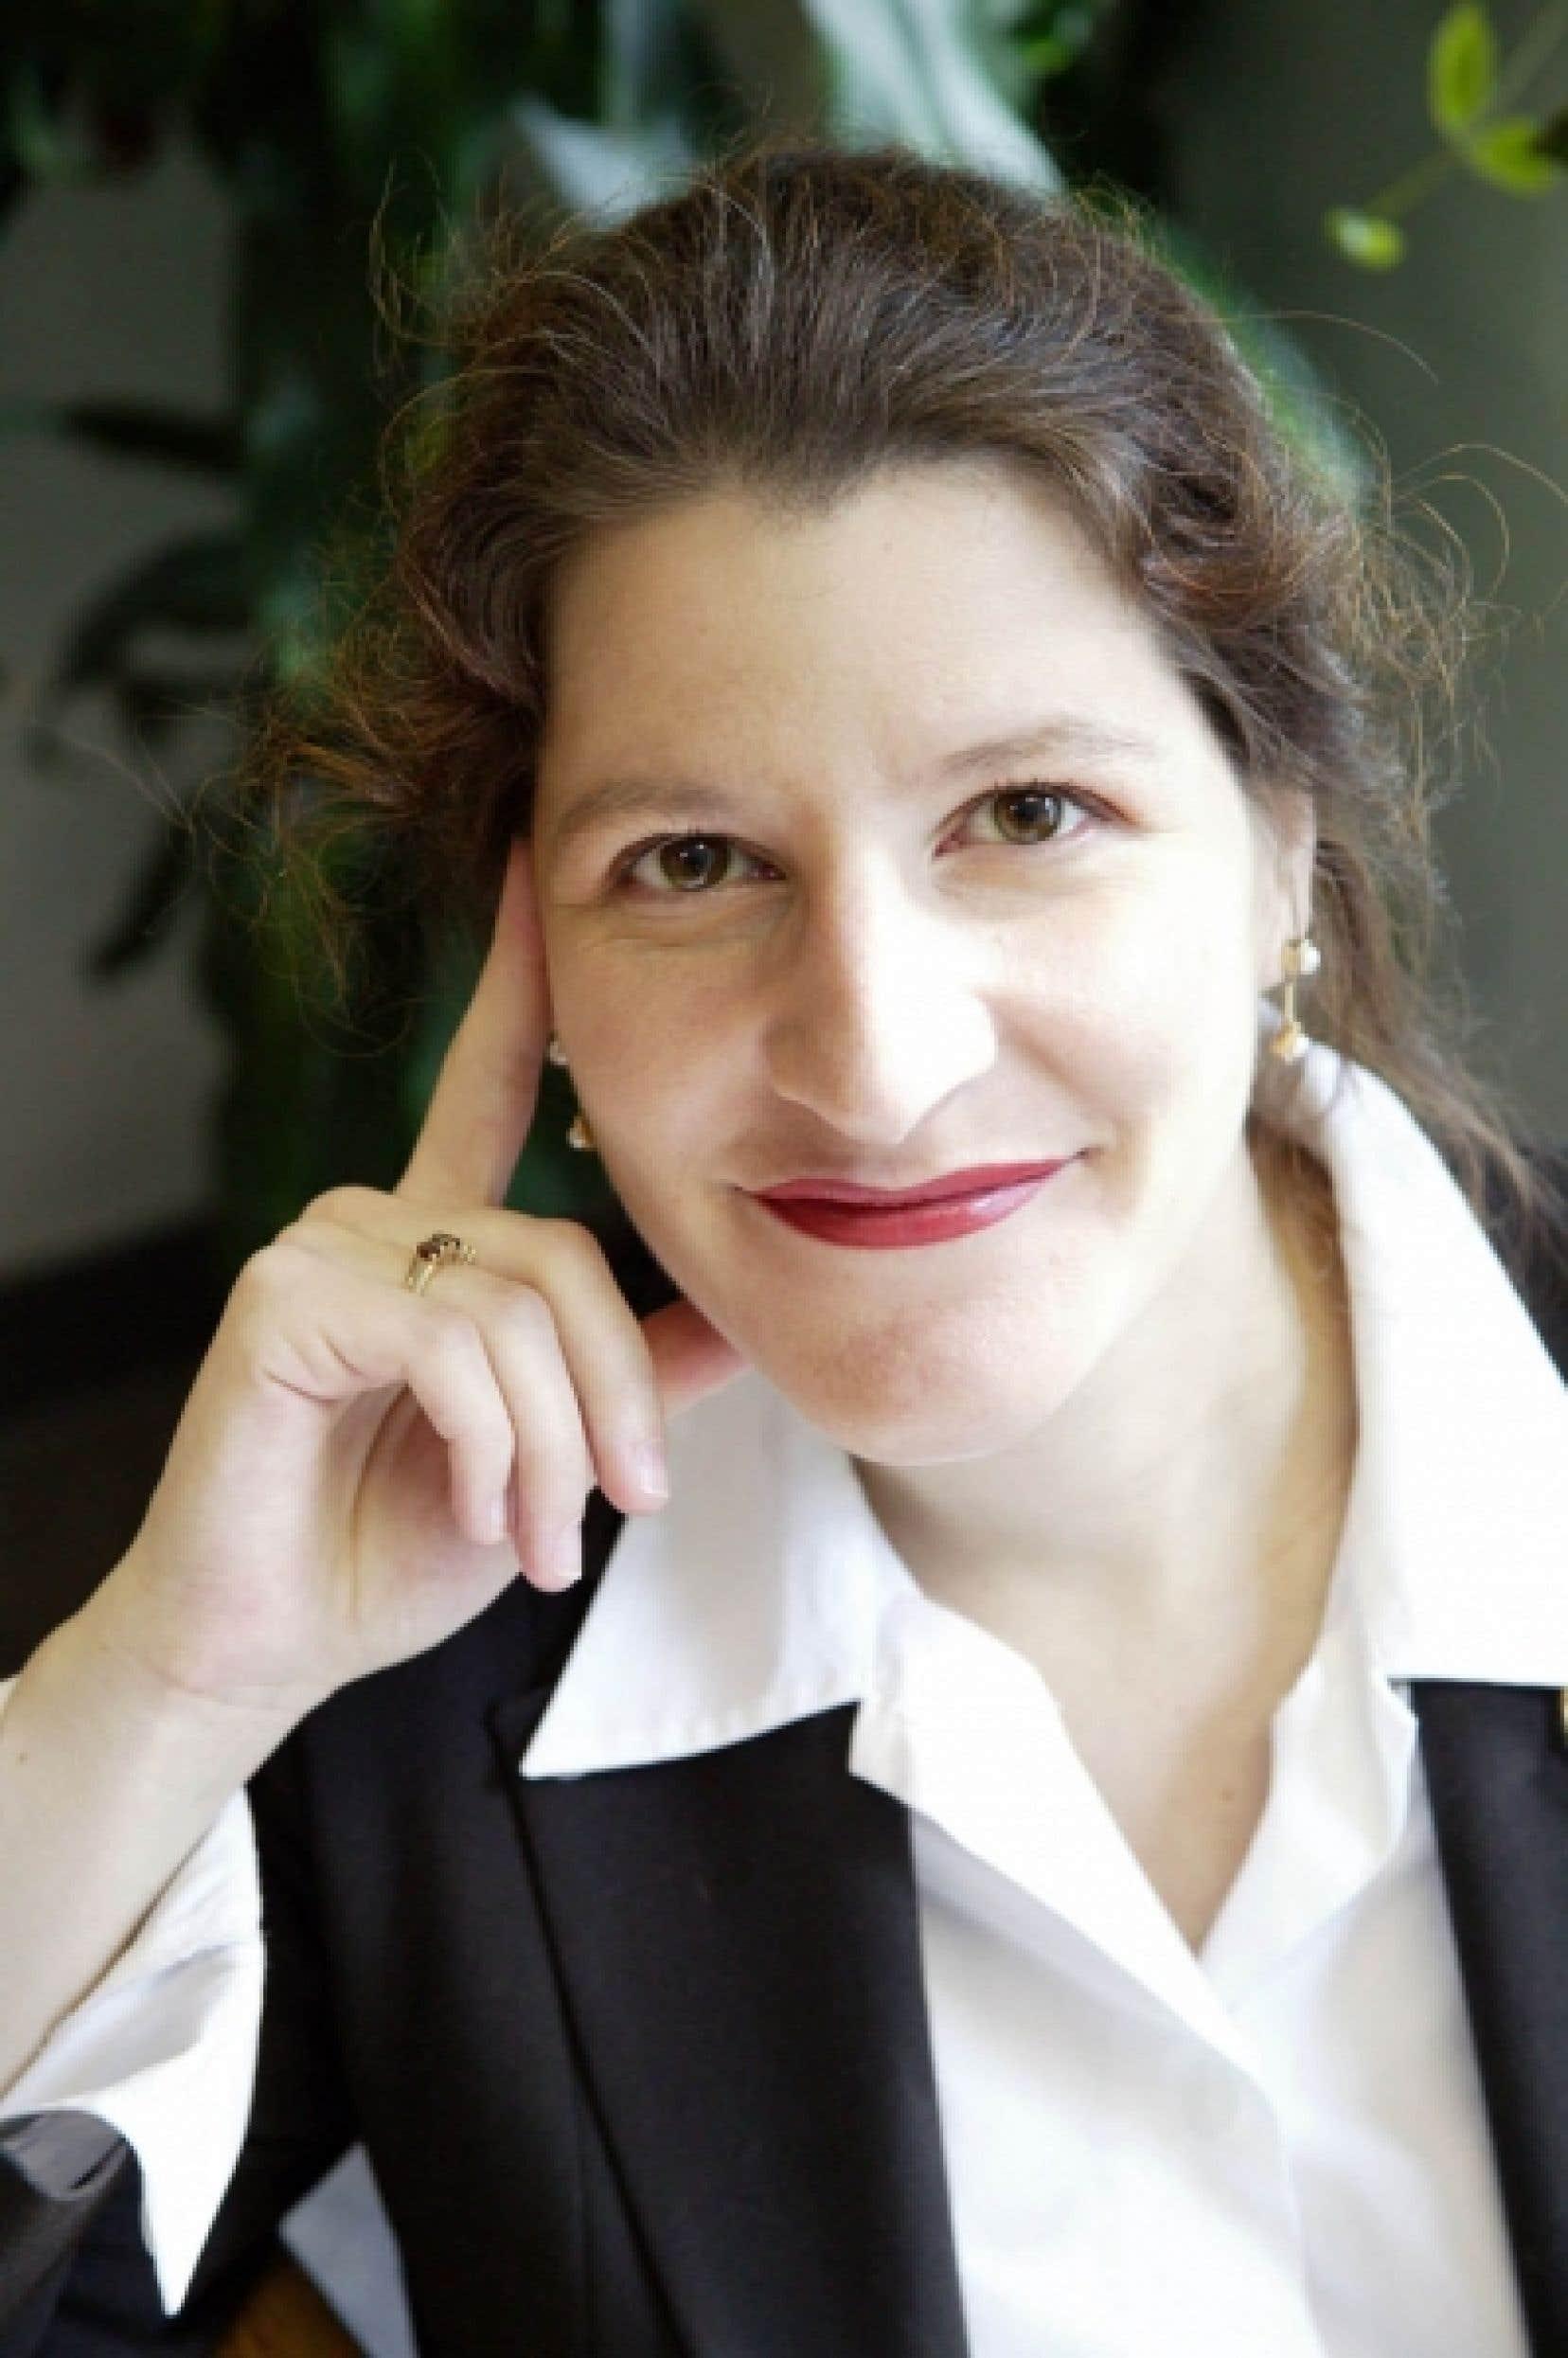 Corinne Gendron, titulaire de la Chaire de responsabilité sociale et de développement durable de l'UQAM